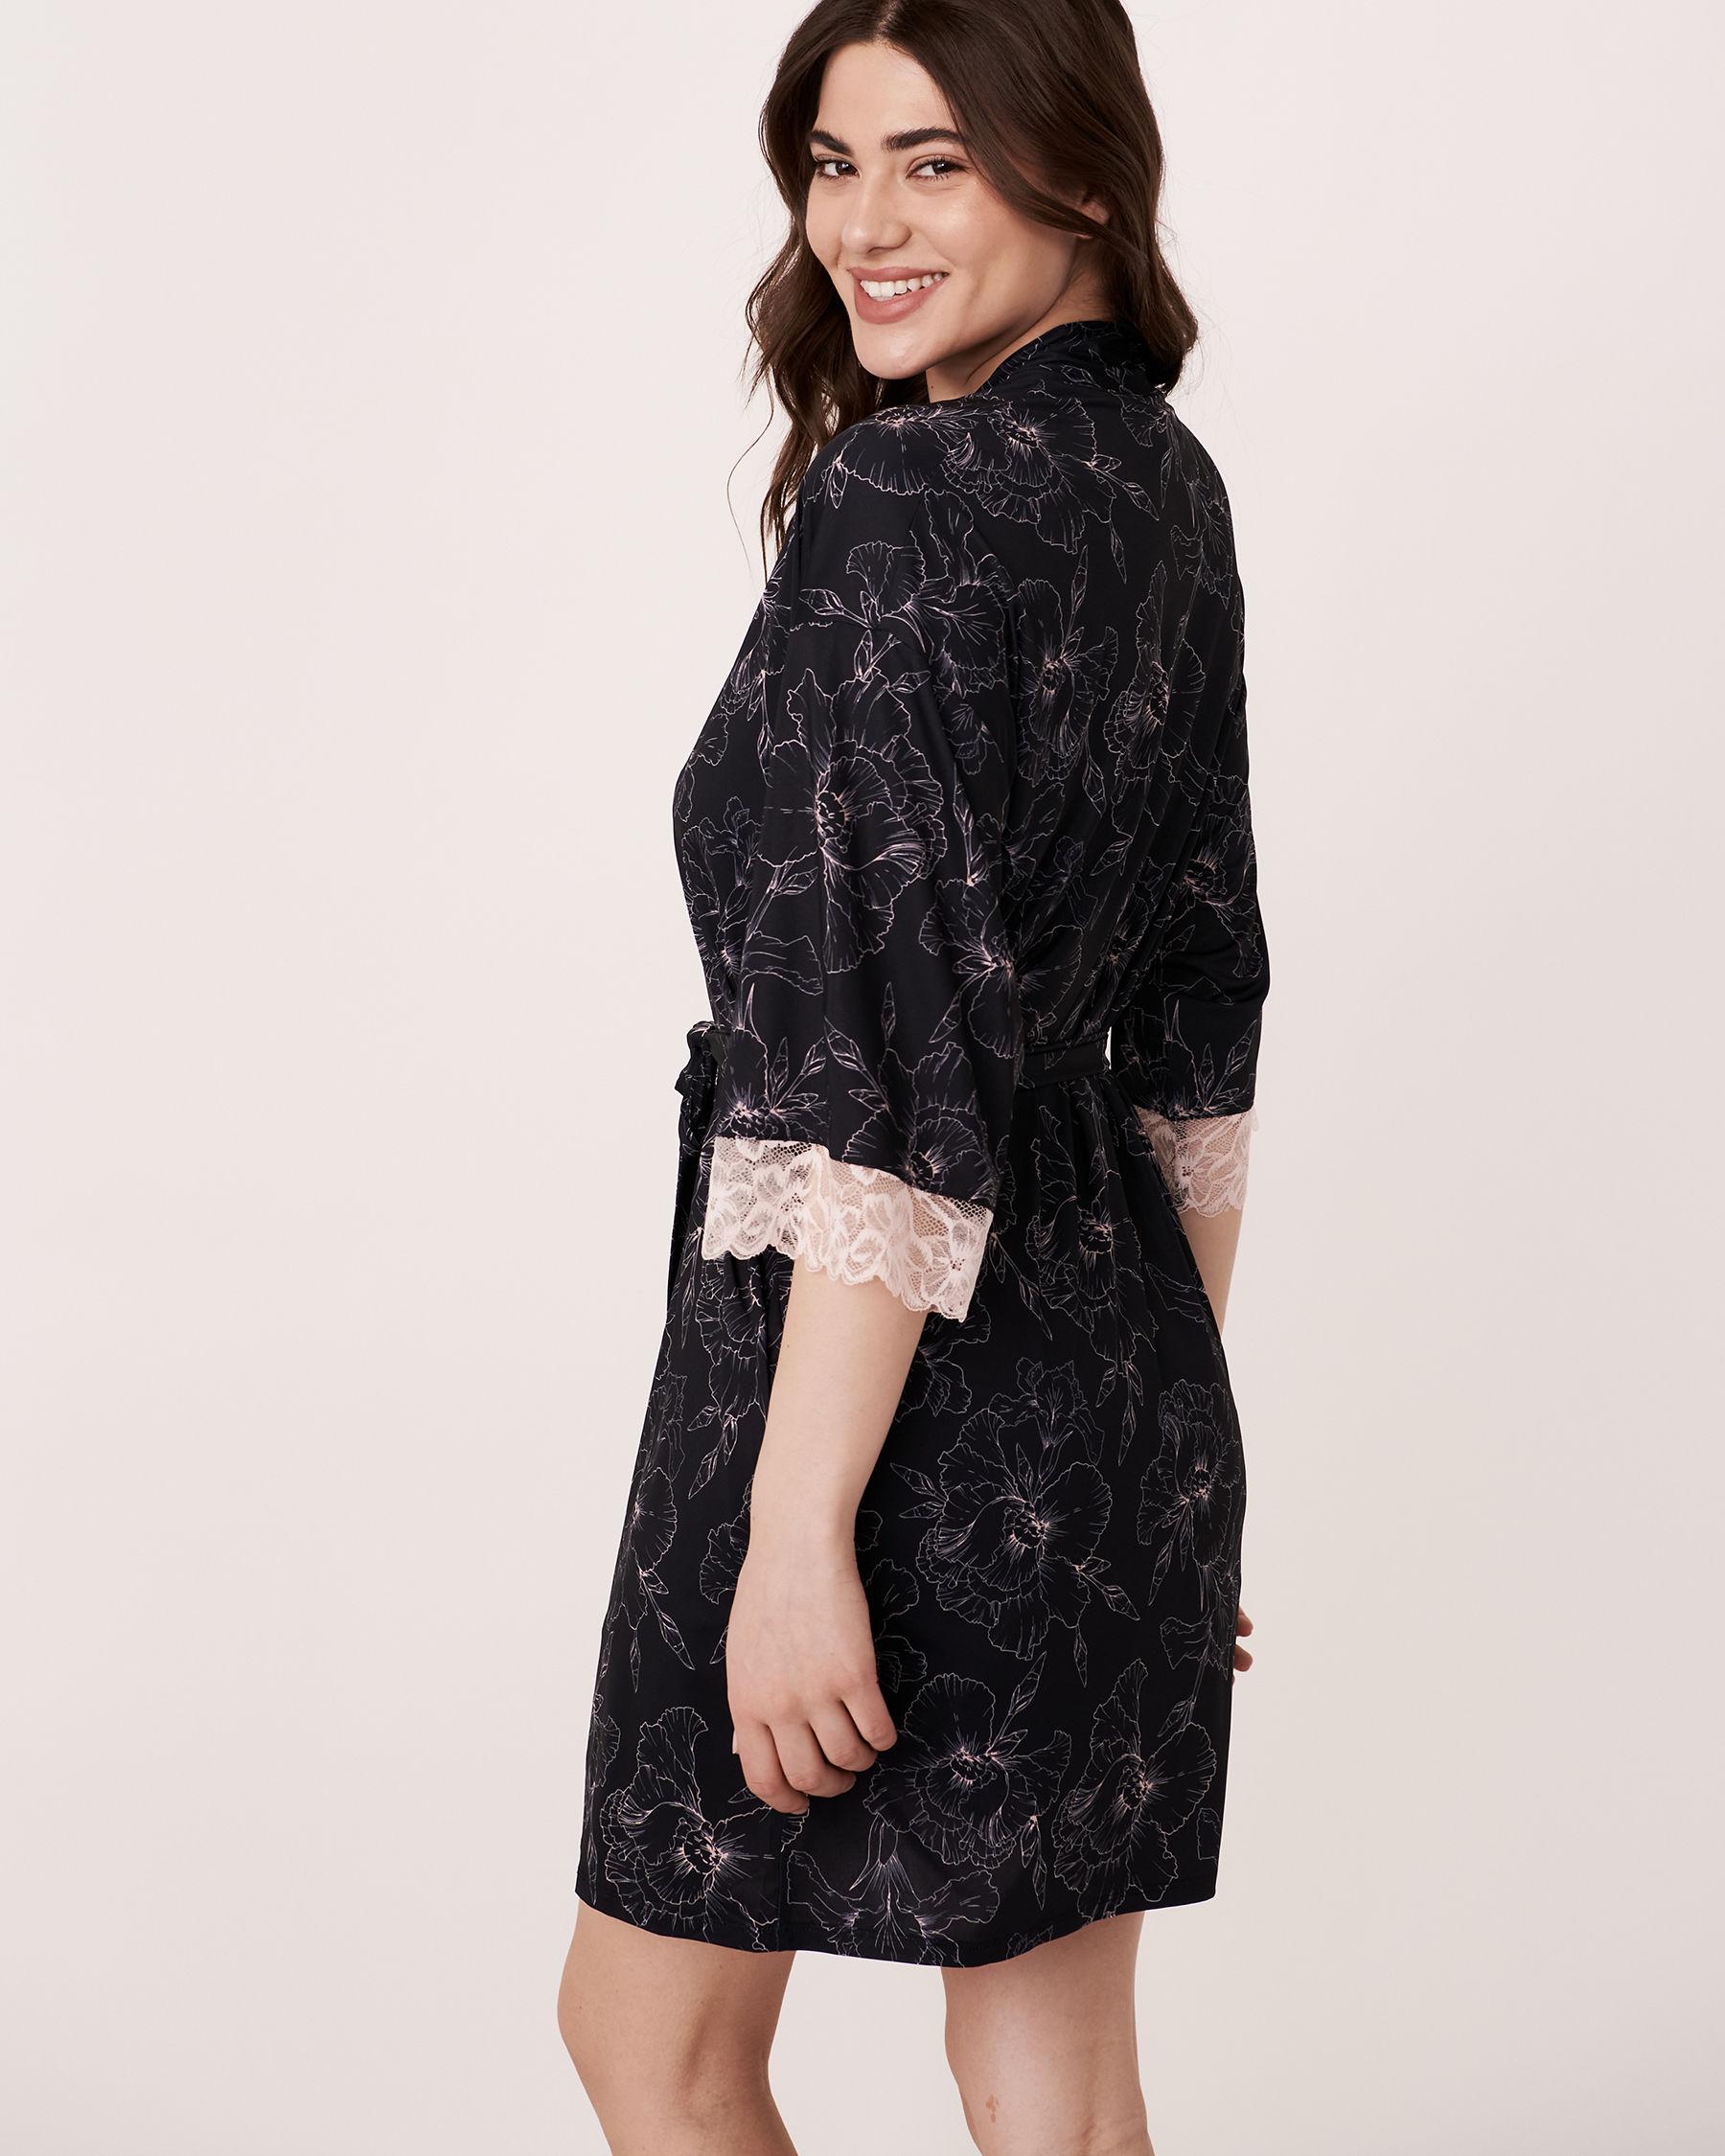 LA VIE EN ROSE Recycled Fibers Lace Trim Kimono Black flower 40600017 - View4